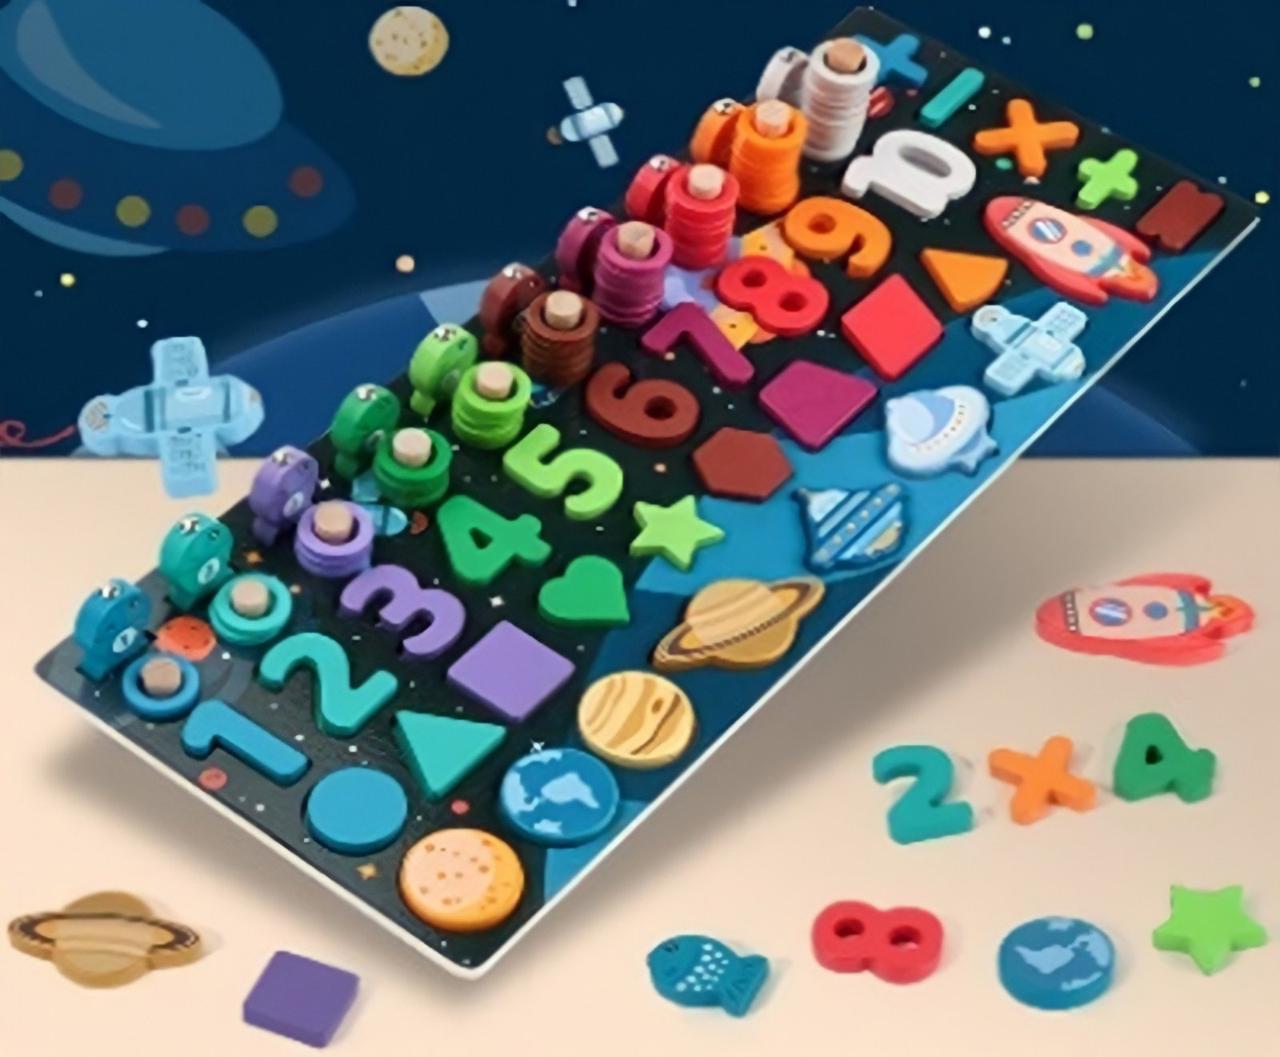 Розвиваюча іграшка Дерев'яна гра WD2730 цифри, форми, планети